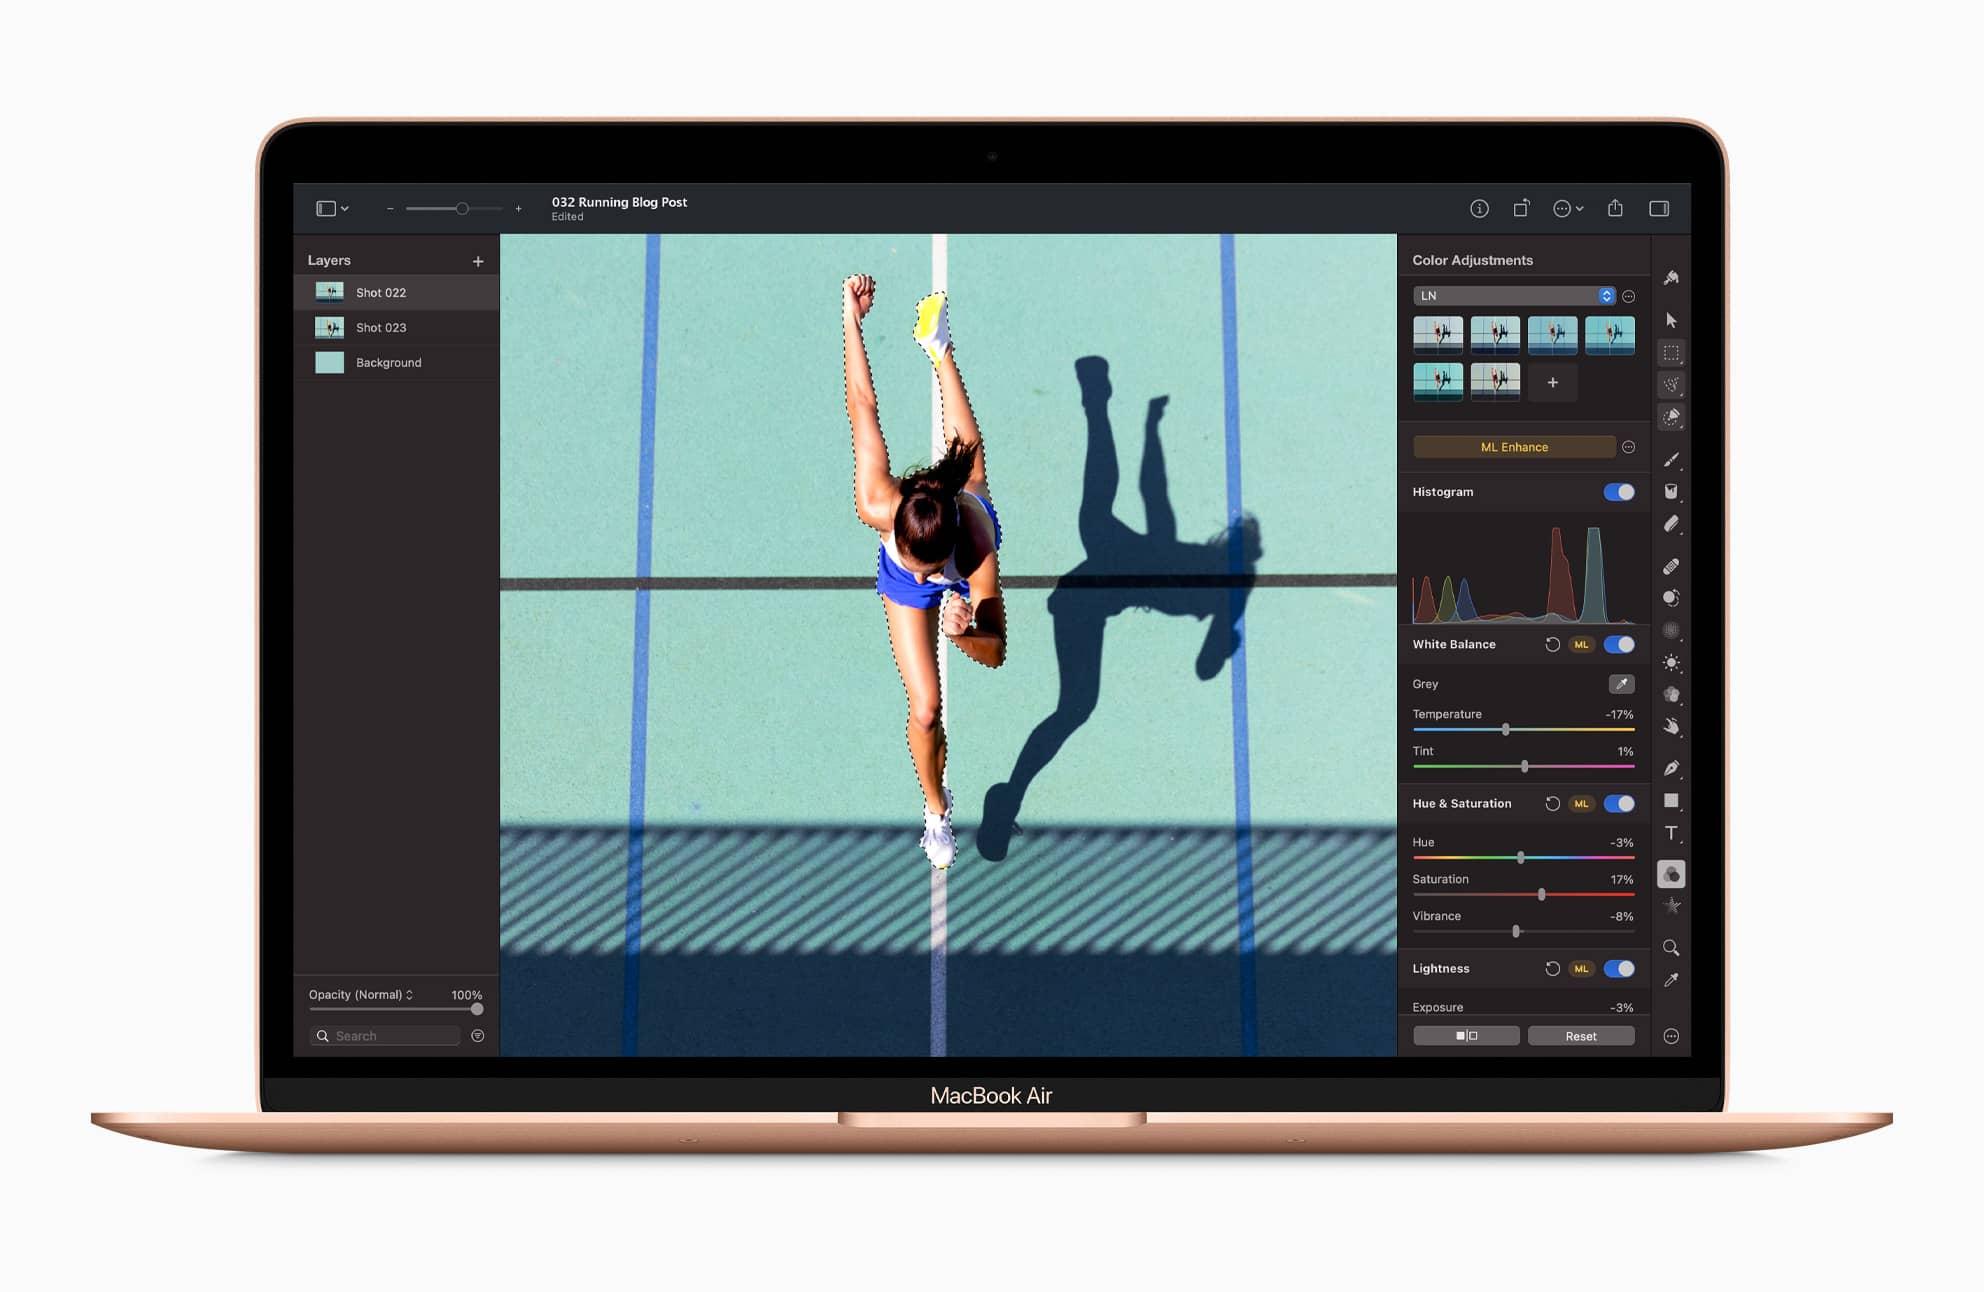 Apple m1 chip macbookair pixelmatorpro screen 11102020